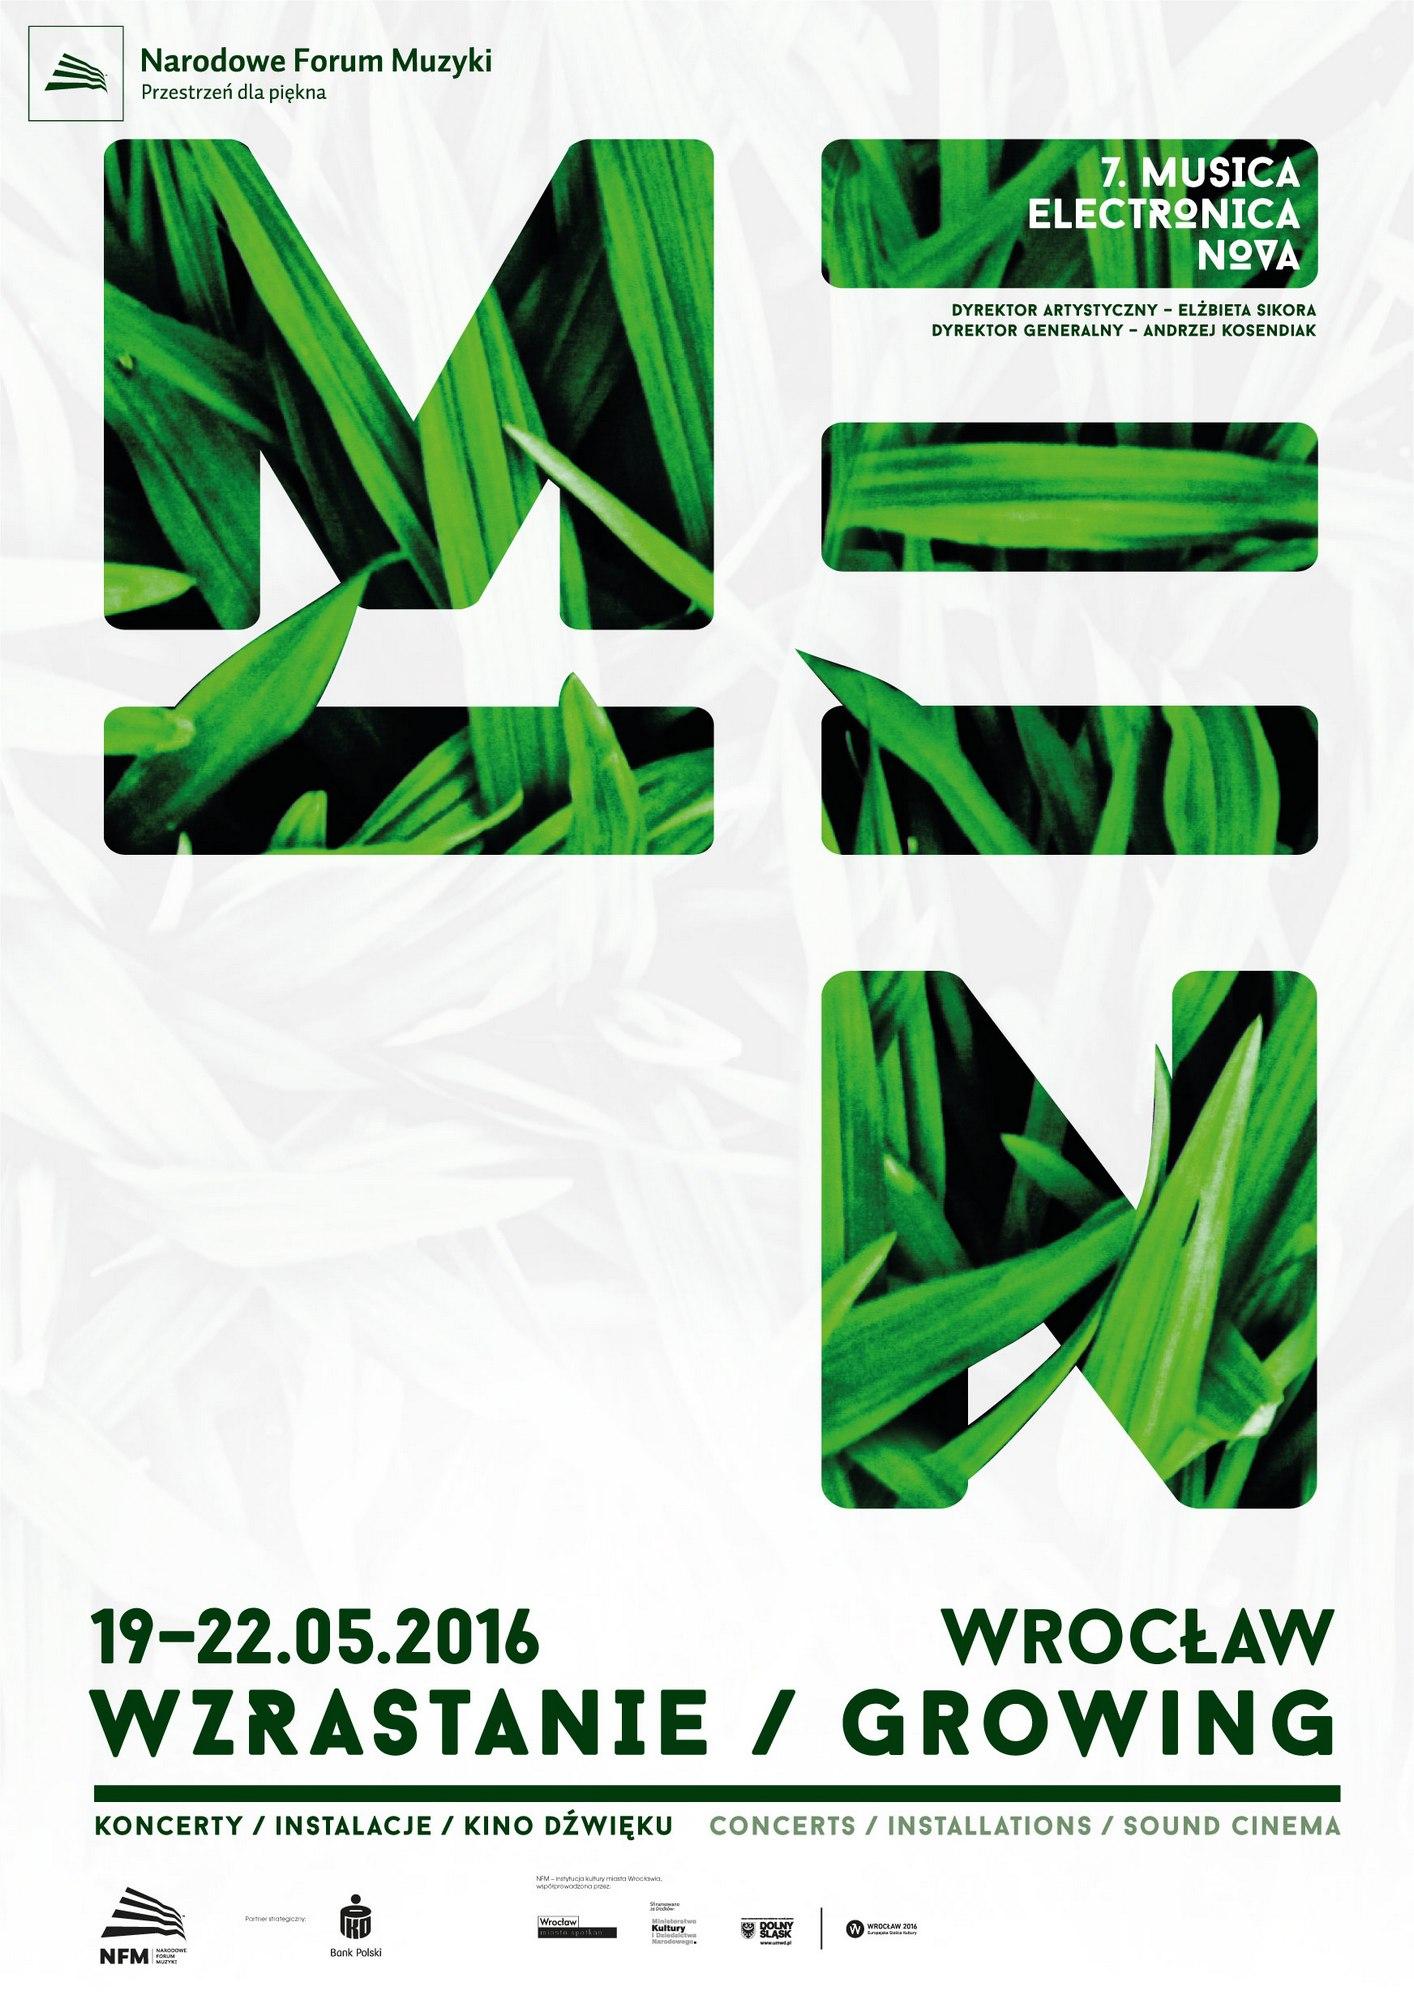 7. Musica Electronica Nova – Wzrastanie, plakat (źródło: materiały prasowe organizatora)